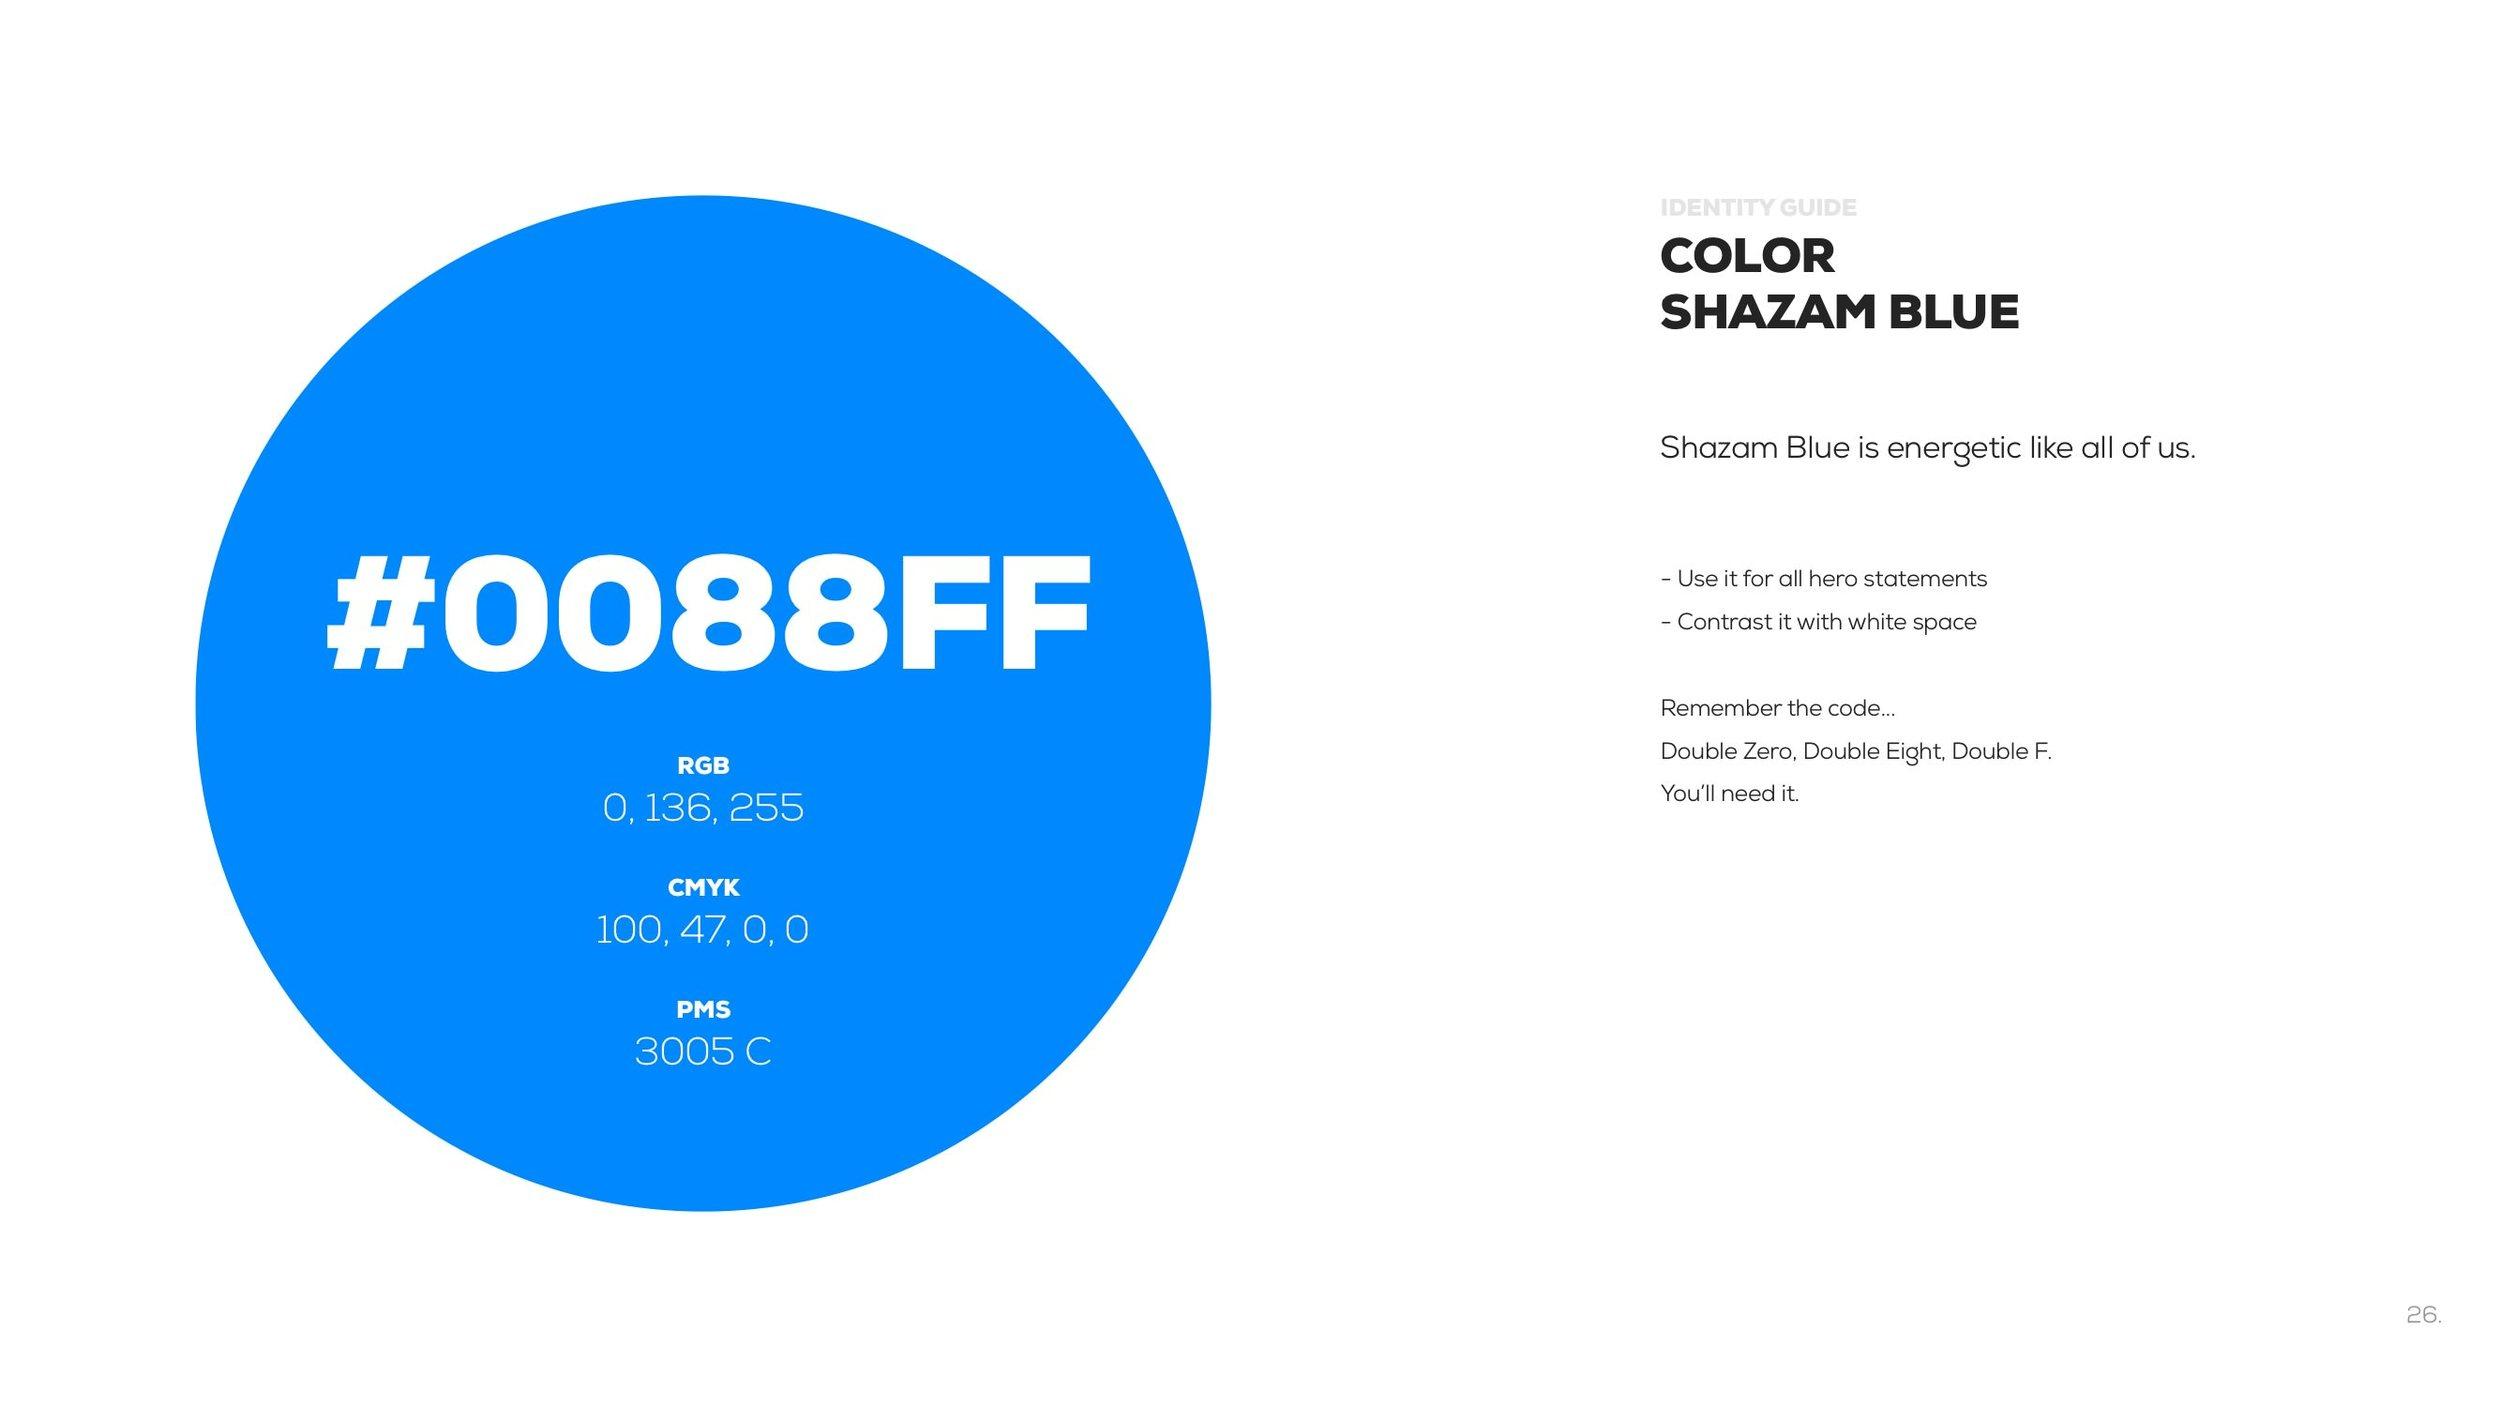 Shazam_Identity_Guidelines 142.jpeg